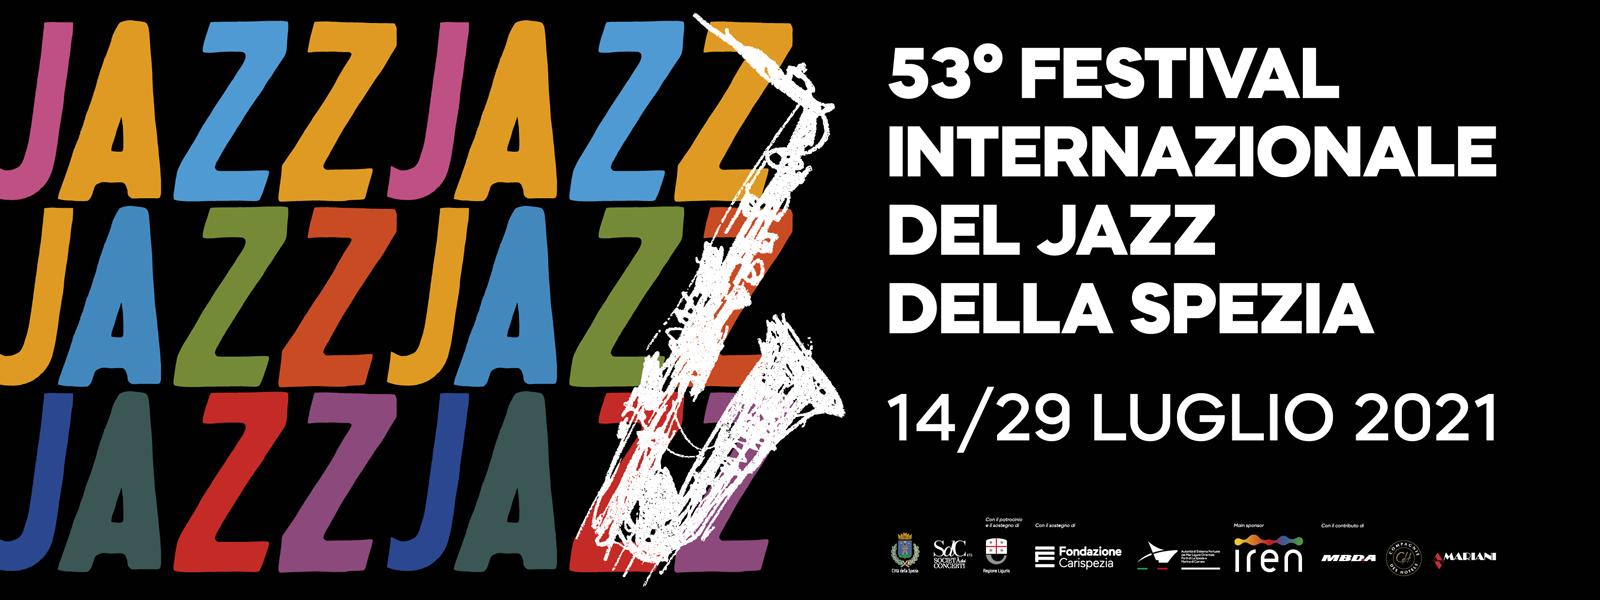 Festival Internazionale del Jazz della Spezia – 53° edizione